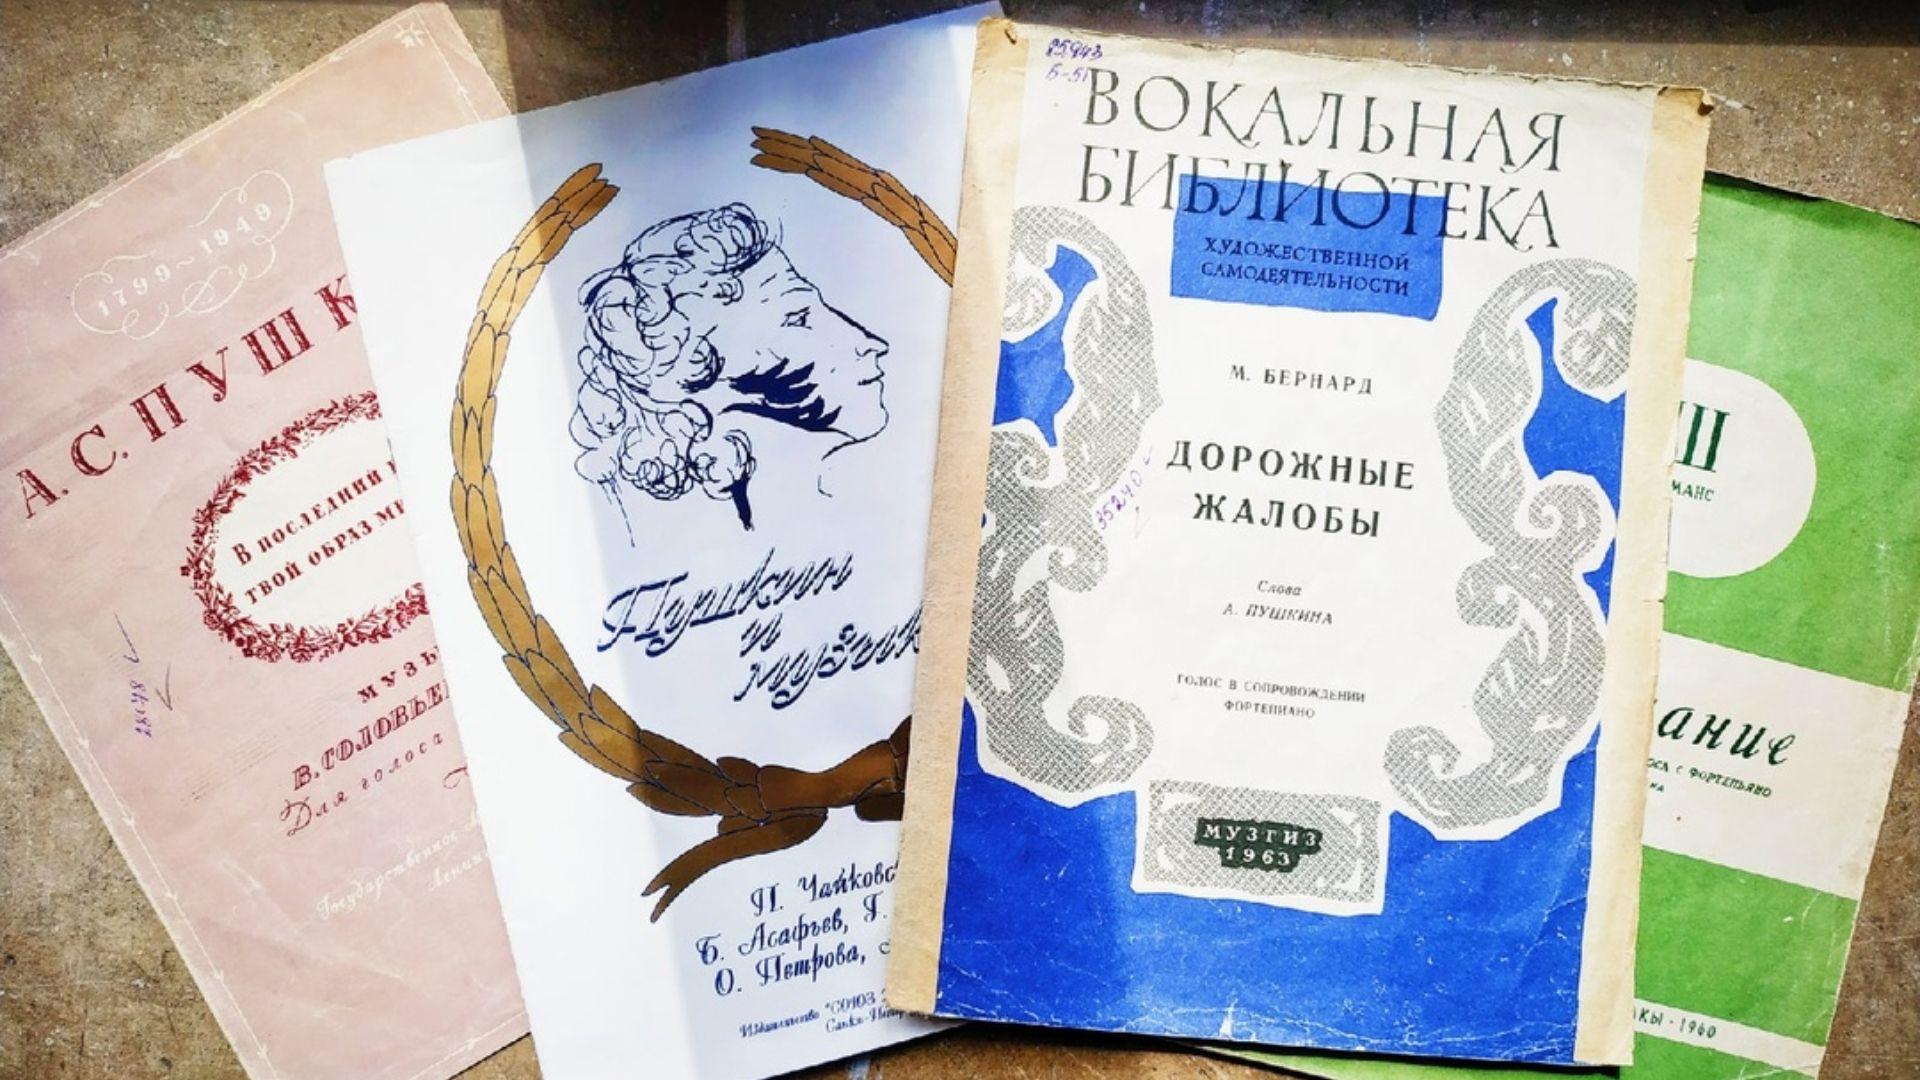 Пушкин в музыке: нотная подборка